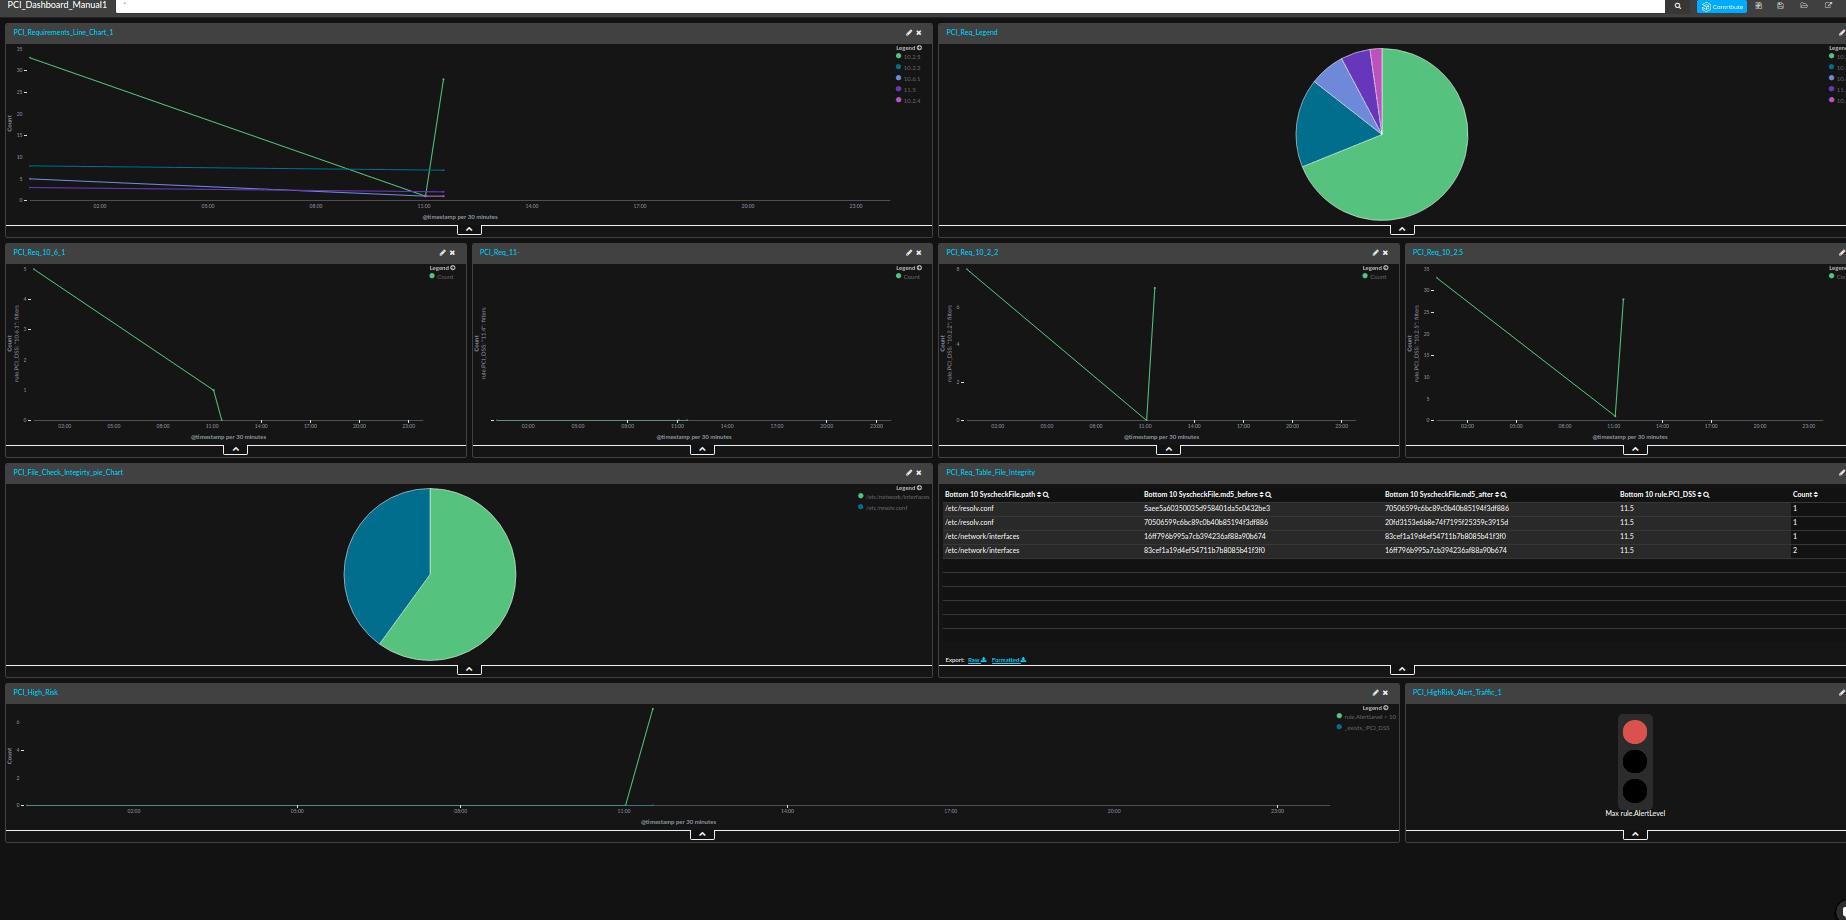 pci compliance dashboard